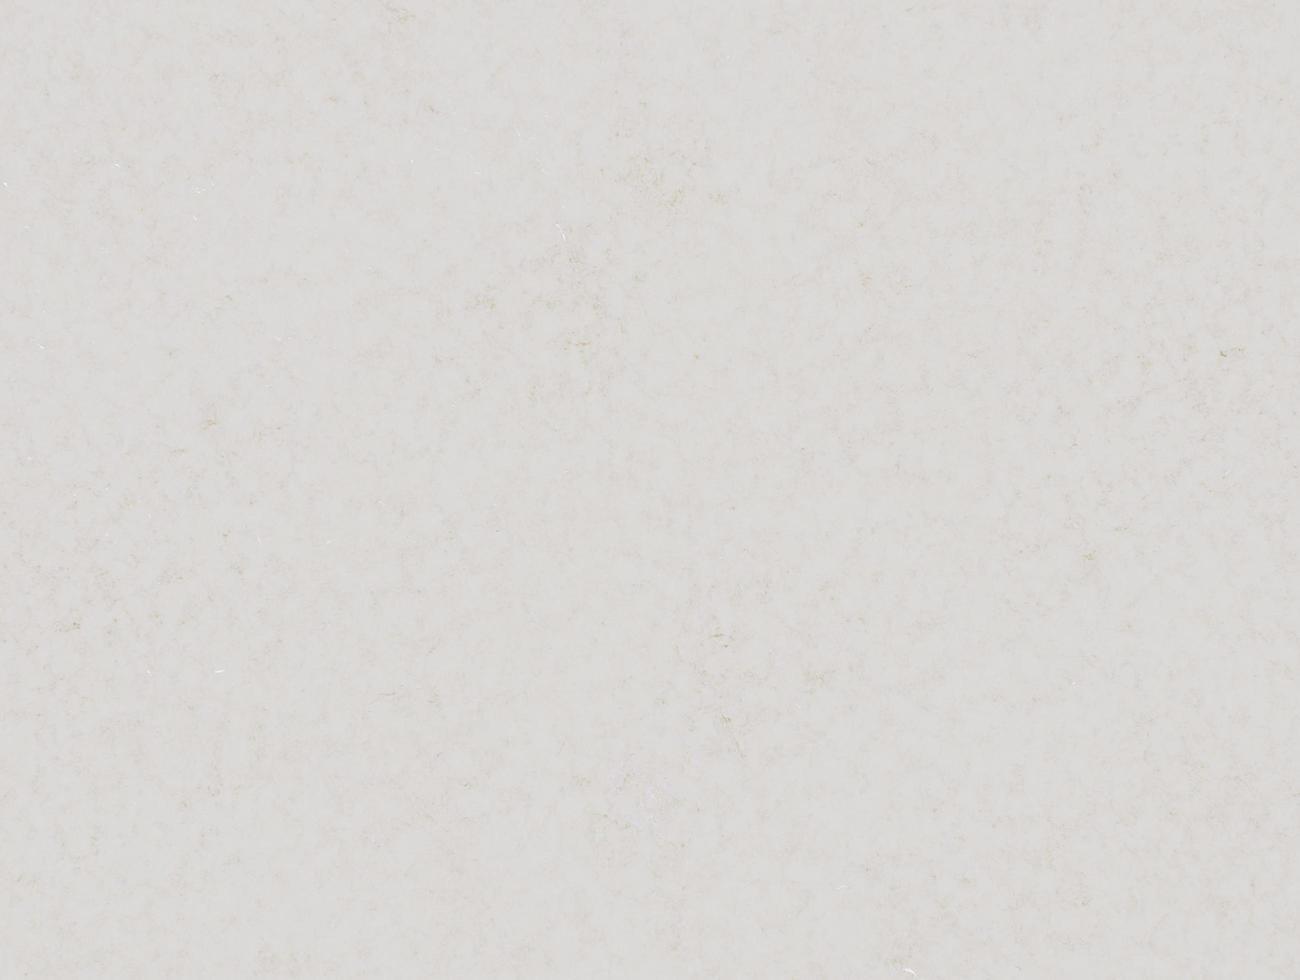 beige schone muur textuur foto